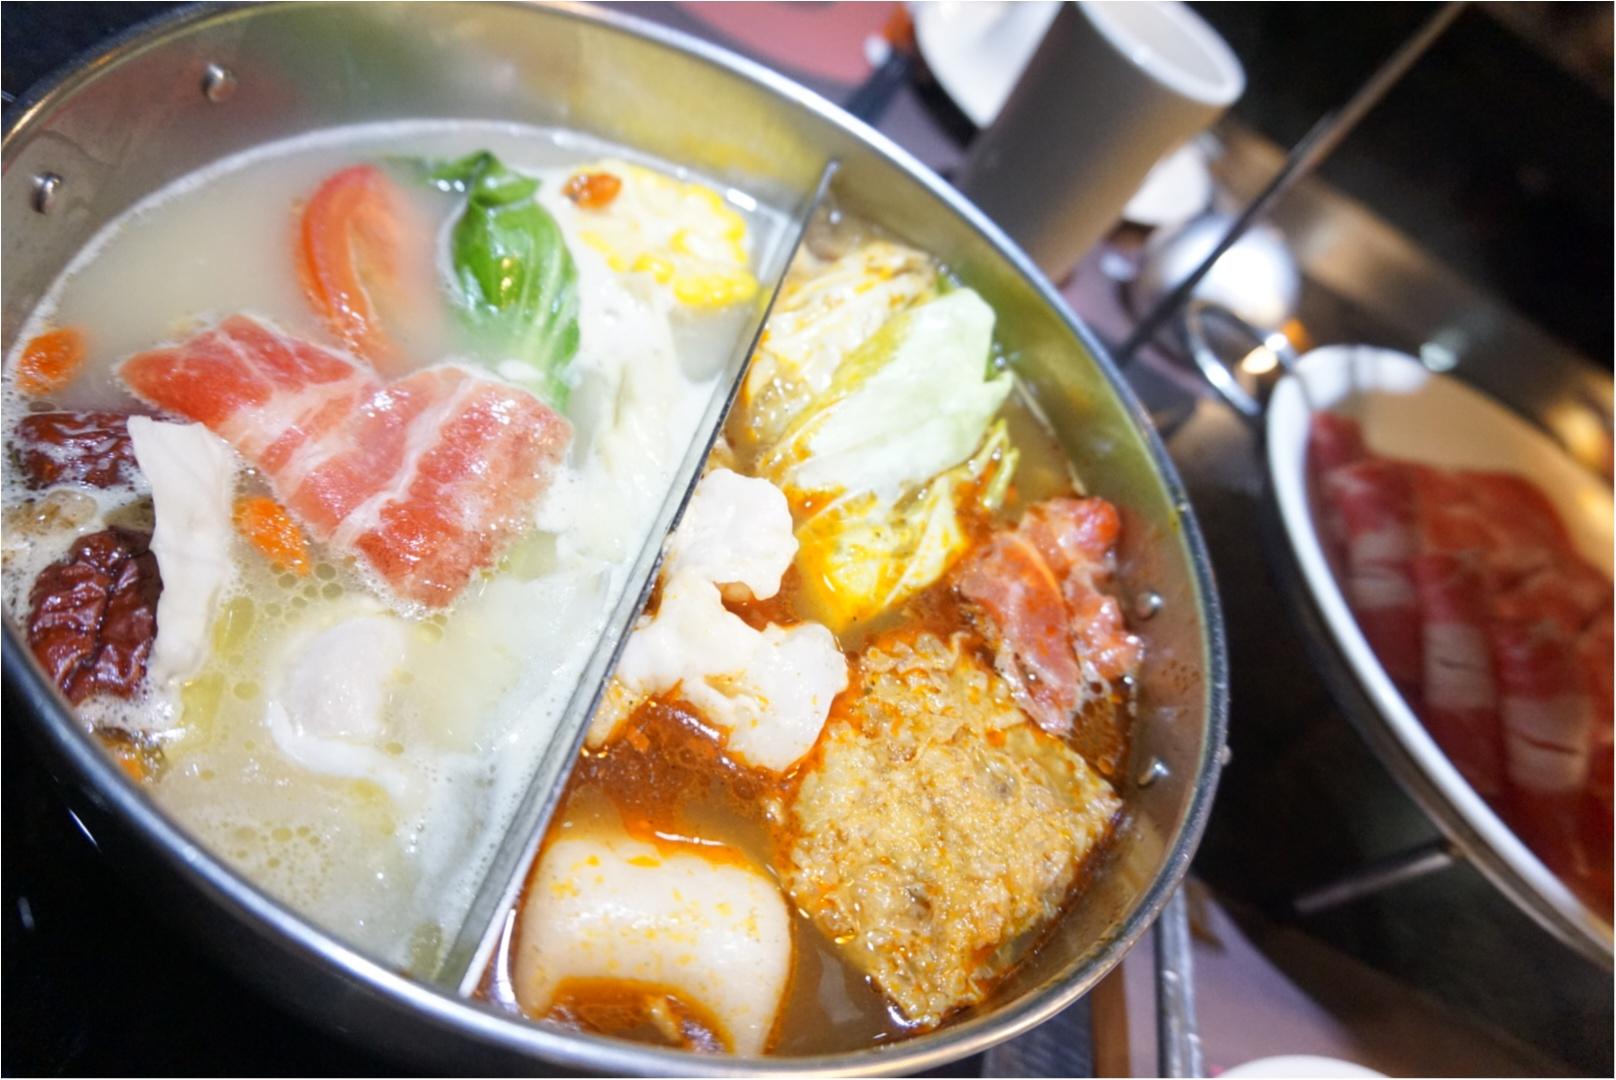 ☺︎♡台湾。1人旅行!完全自分好み!1人でも食べに行ける!友達とでもおすすめな火鍋屋さん!_2